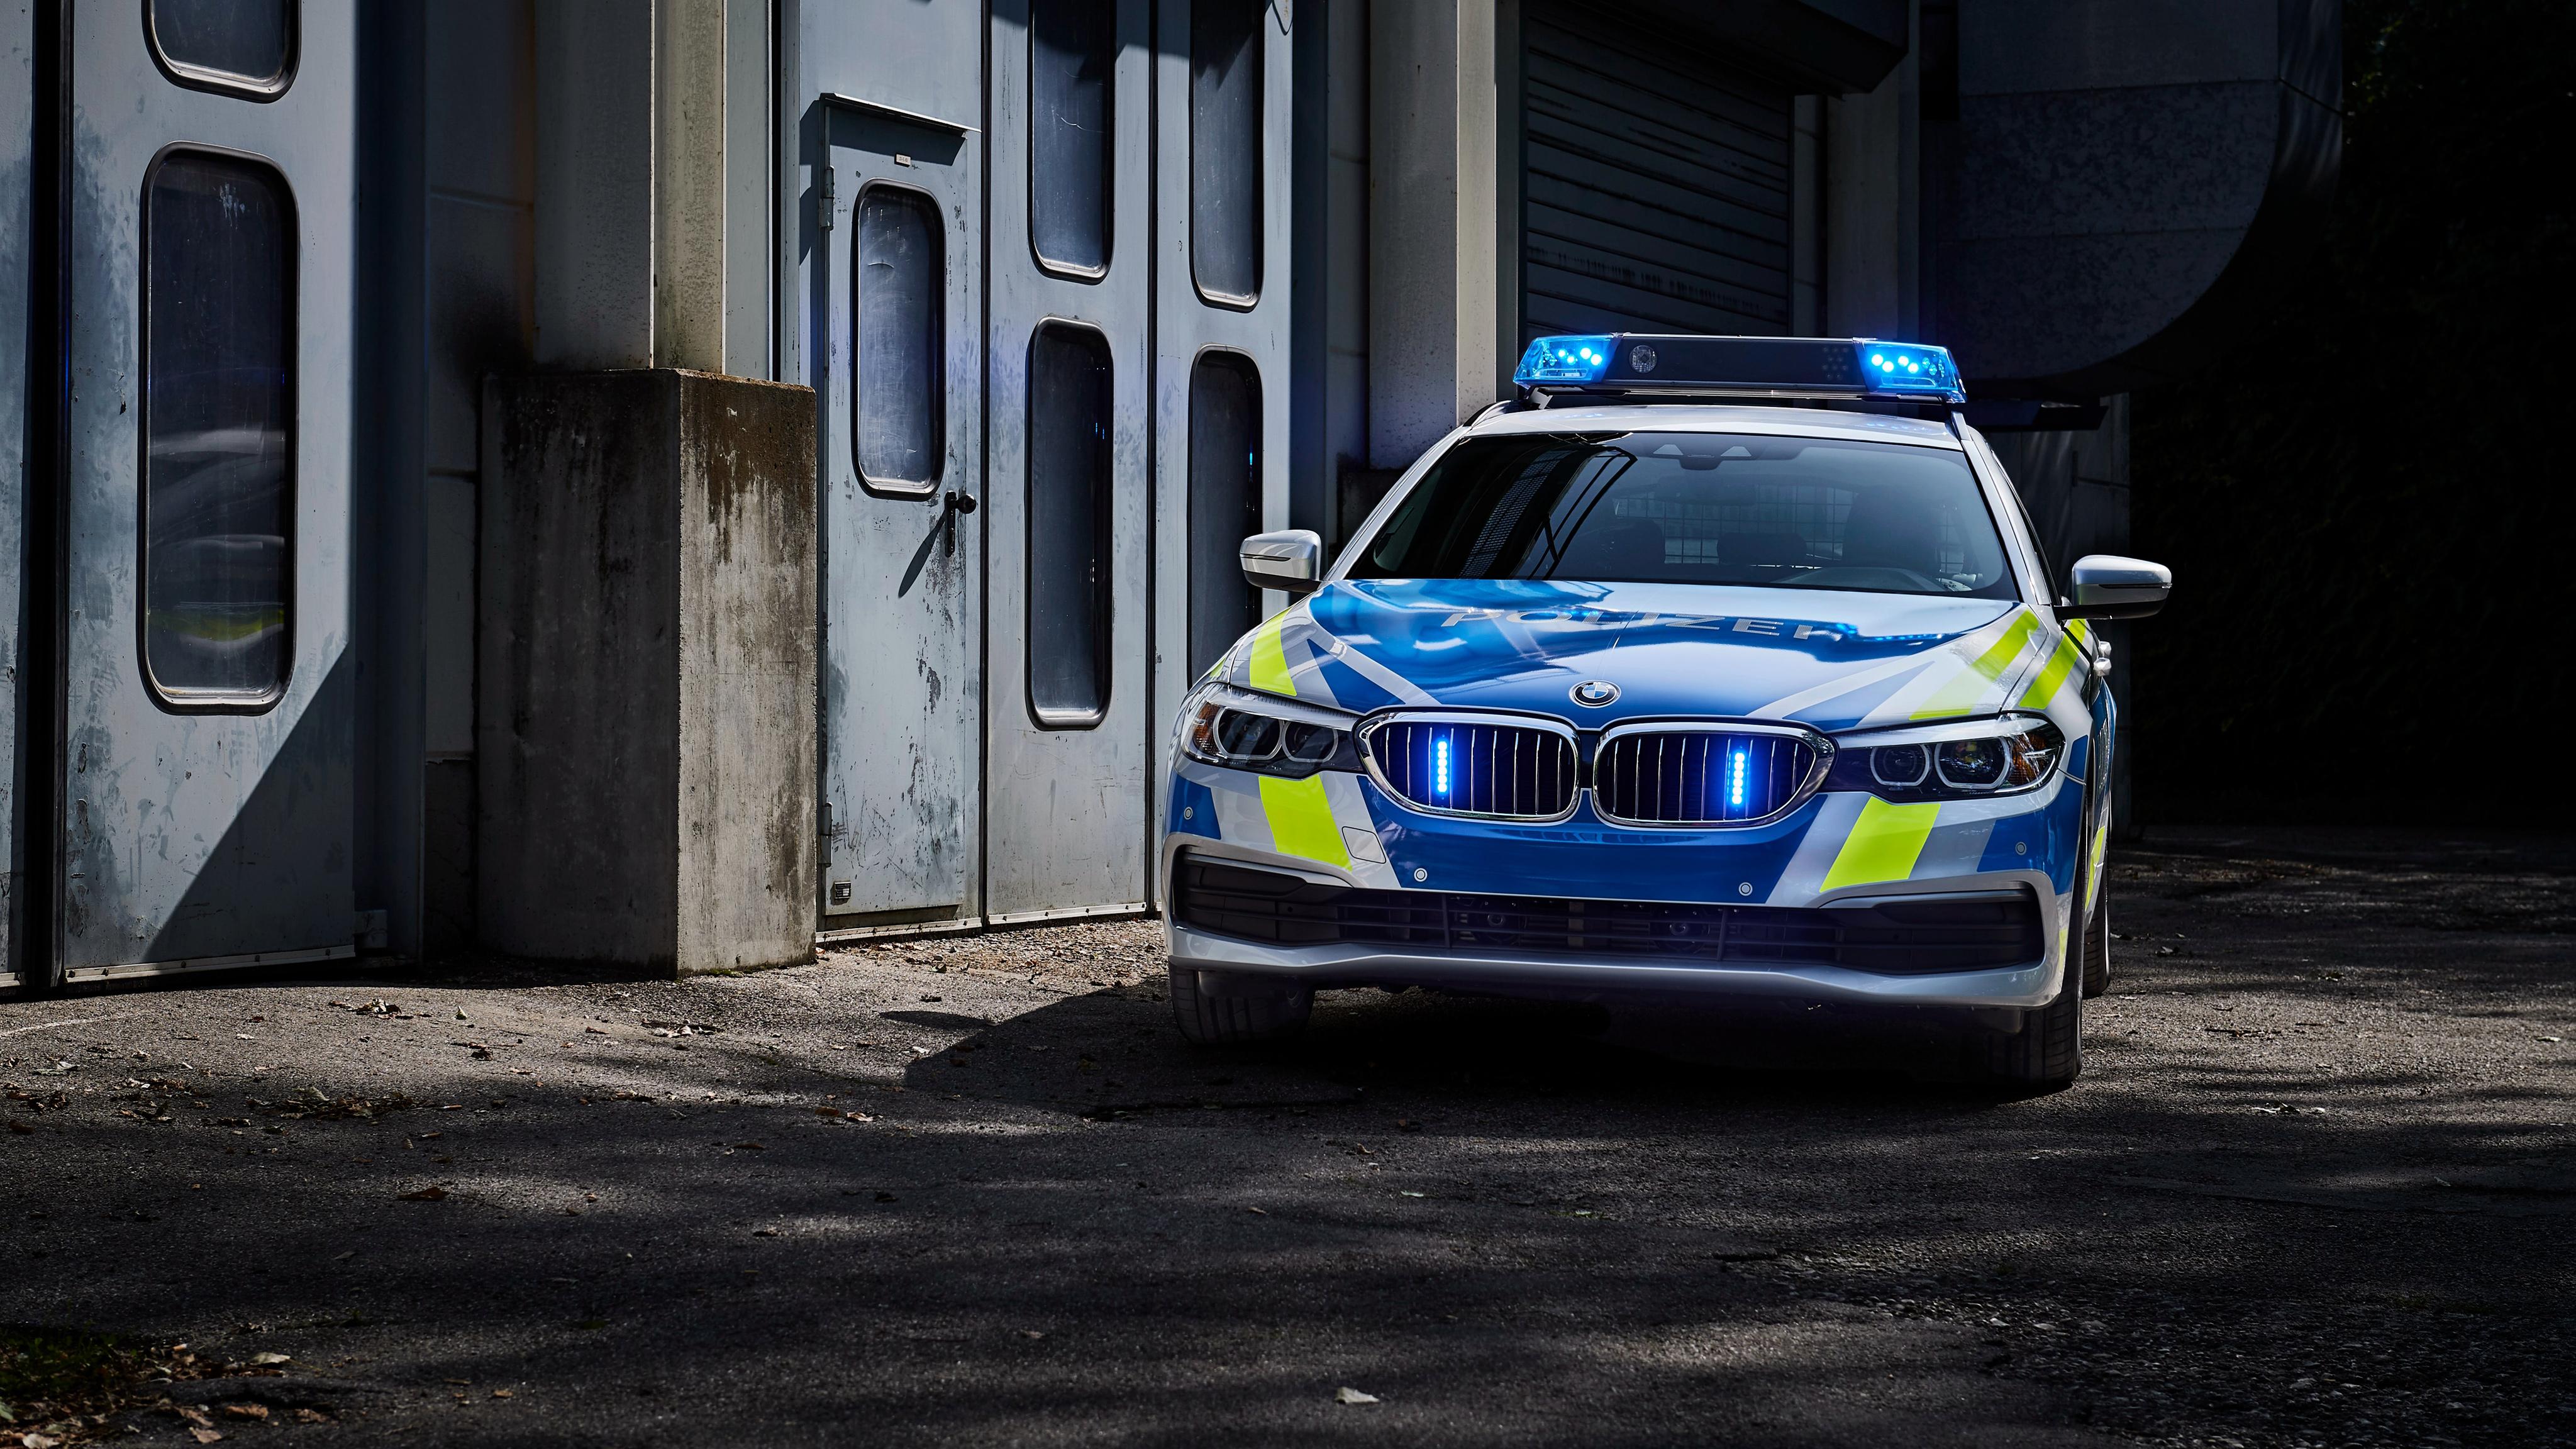 Bmw 530d Xdrive Touring Polizei 2017 4k Wallpaper Hd Car